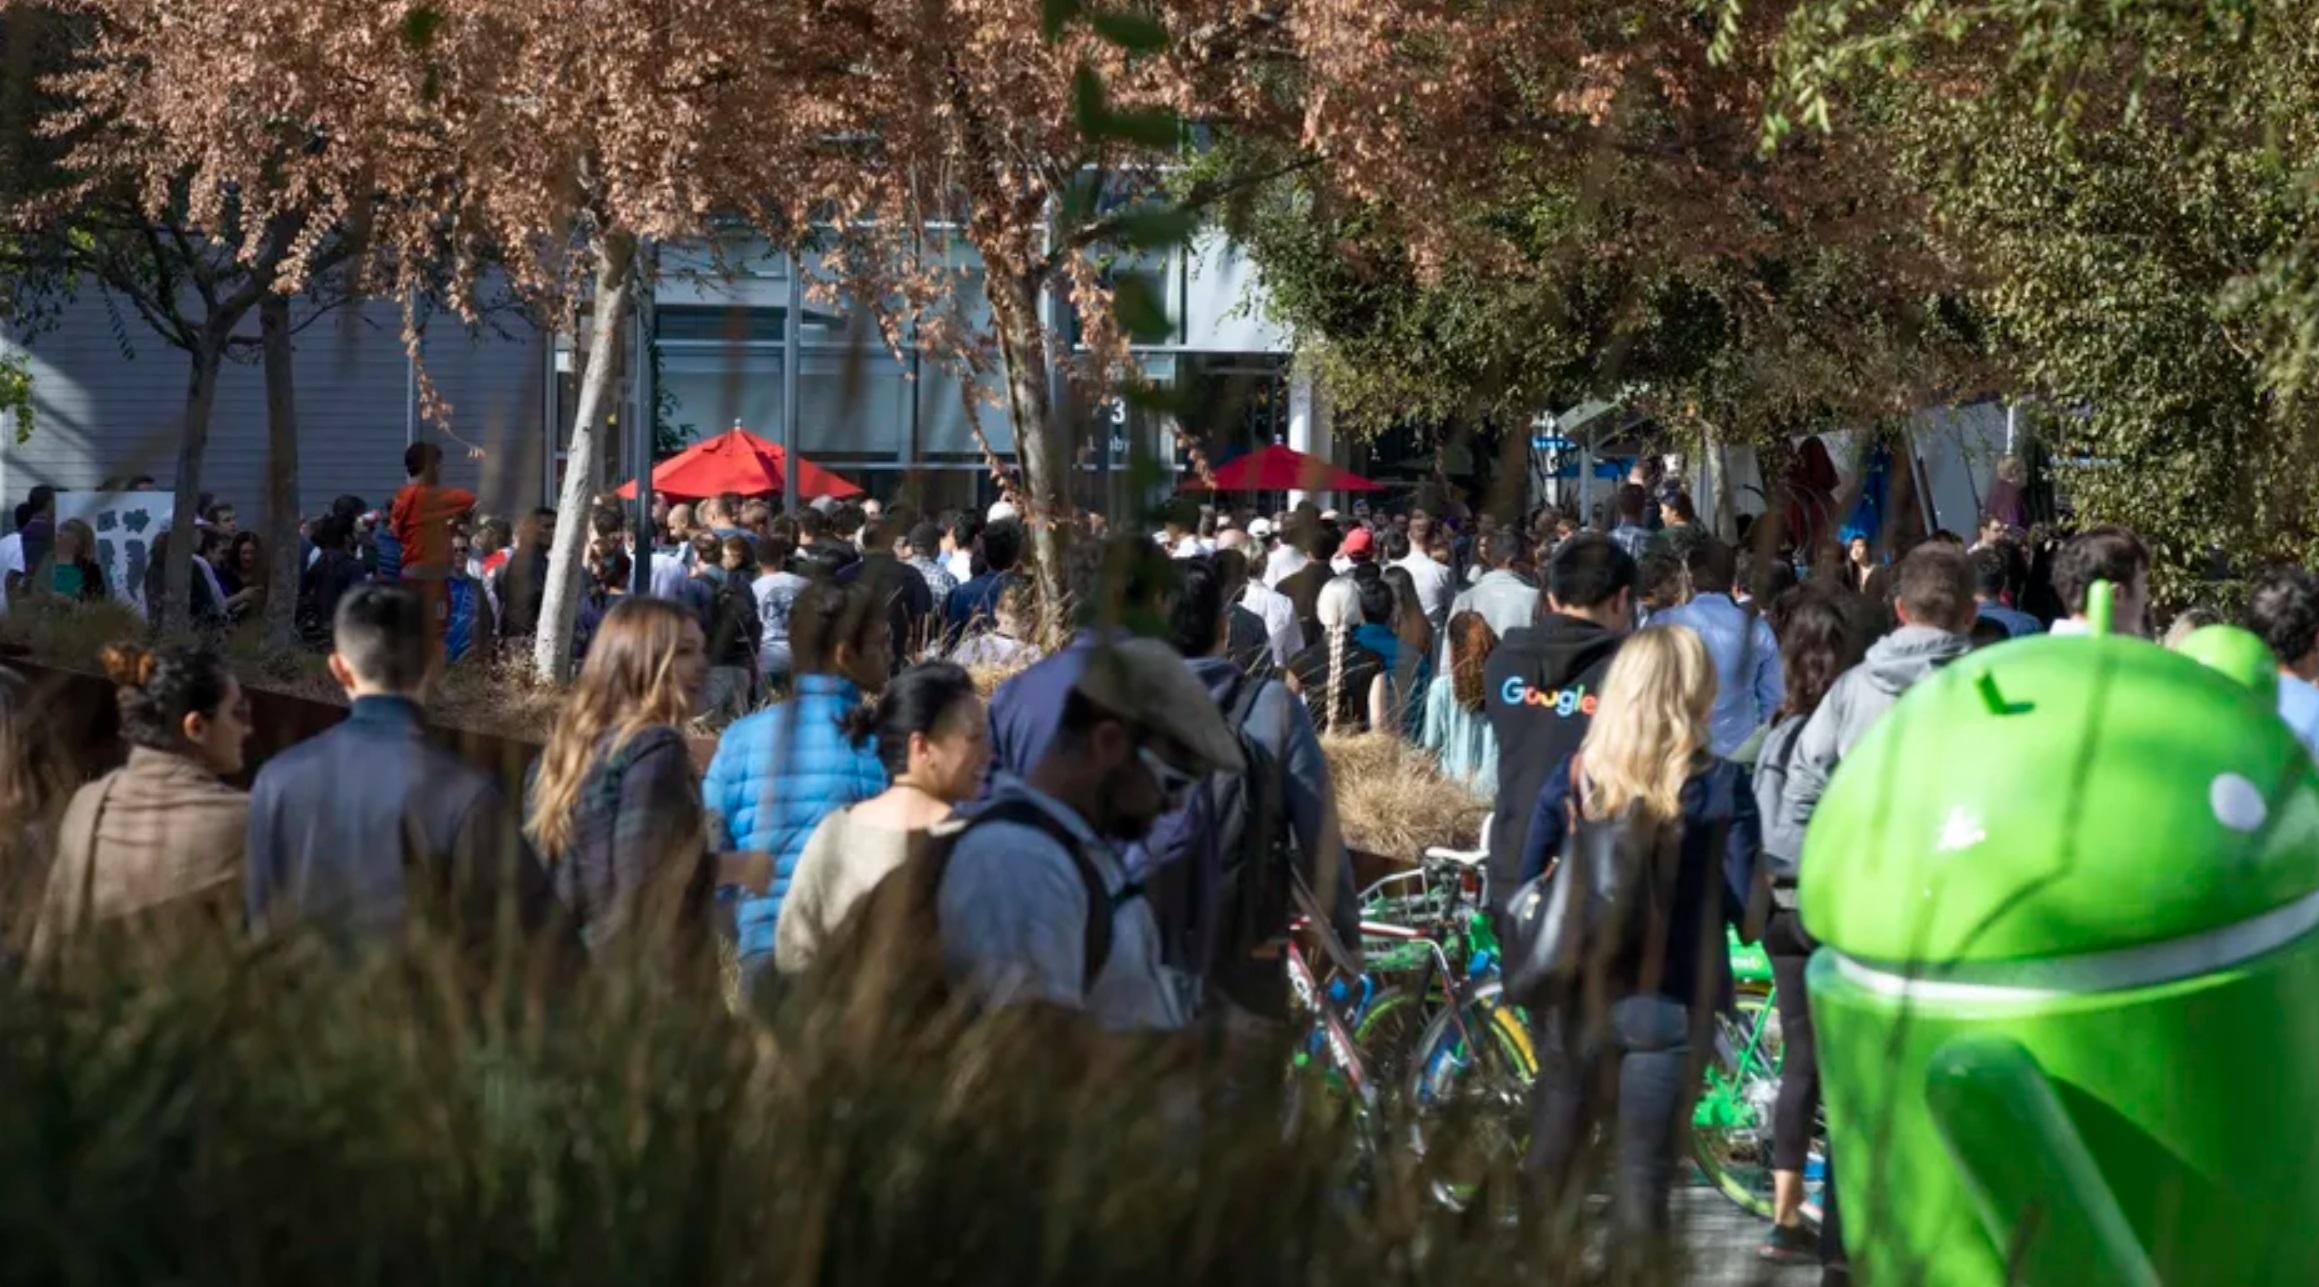 تصاویری از راهپیمایی کارکنان گوگل به دلیل رسواییهای اخیر - 7